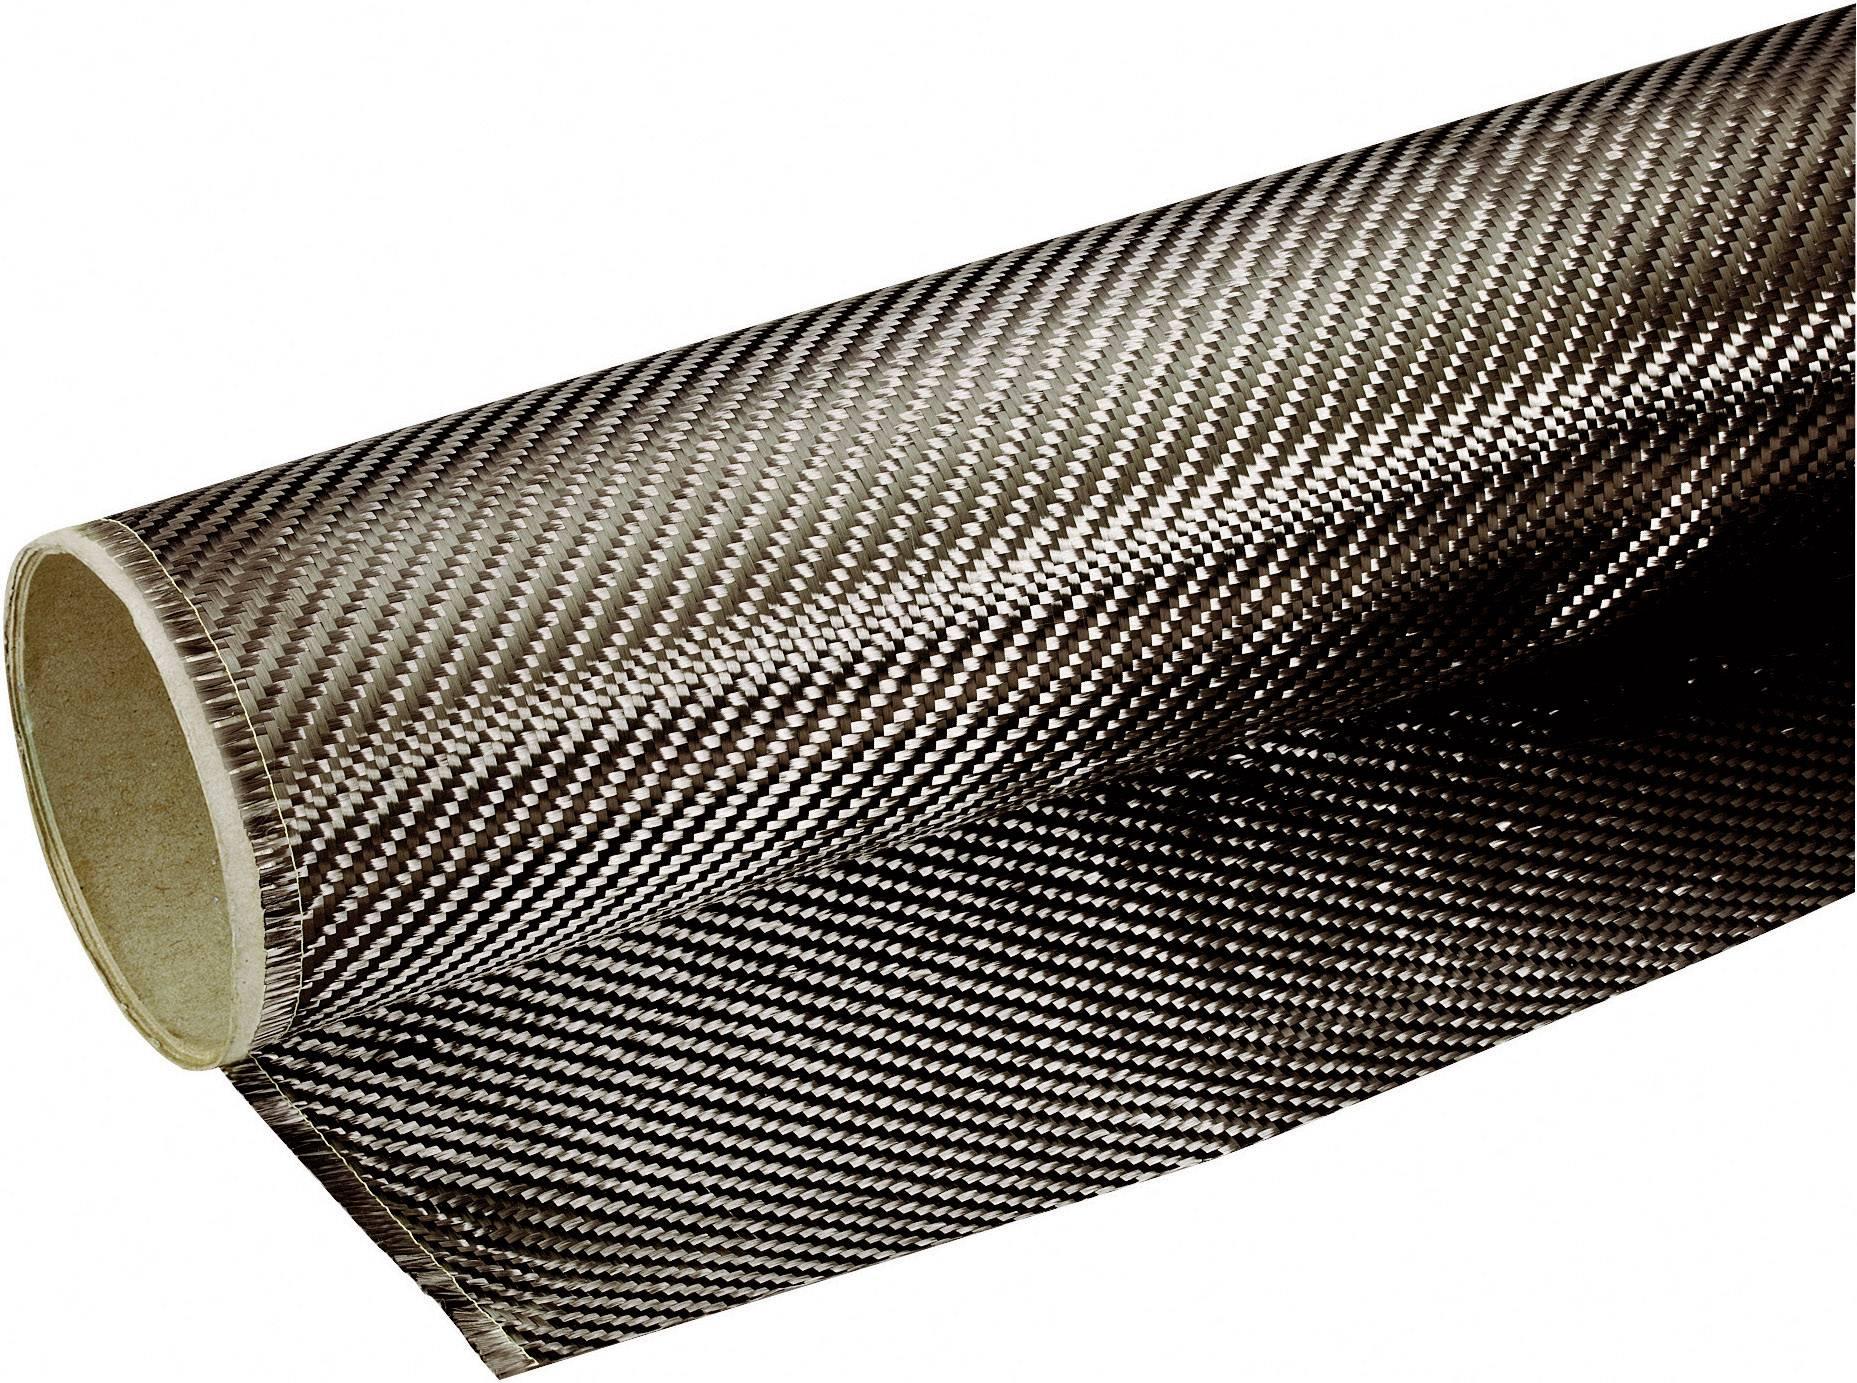 Tkanina z uhlíkových vláken Toolcraft 190, 245 g/m2, 0,5 m2, kepr